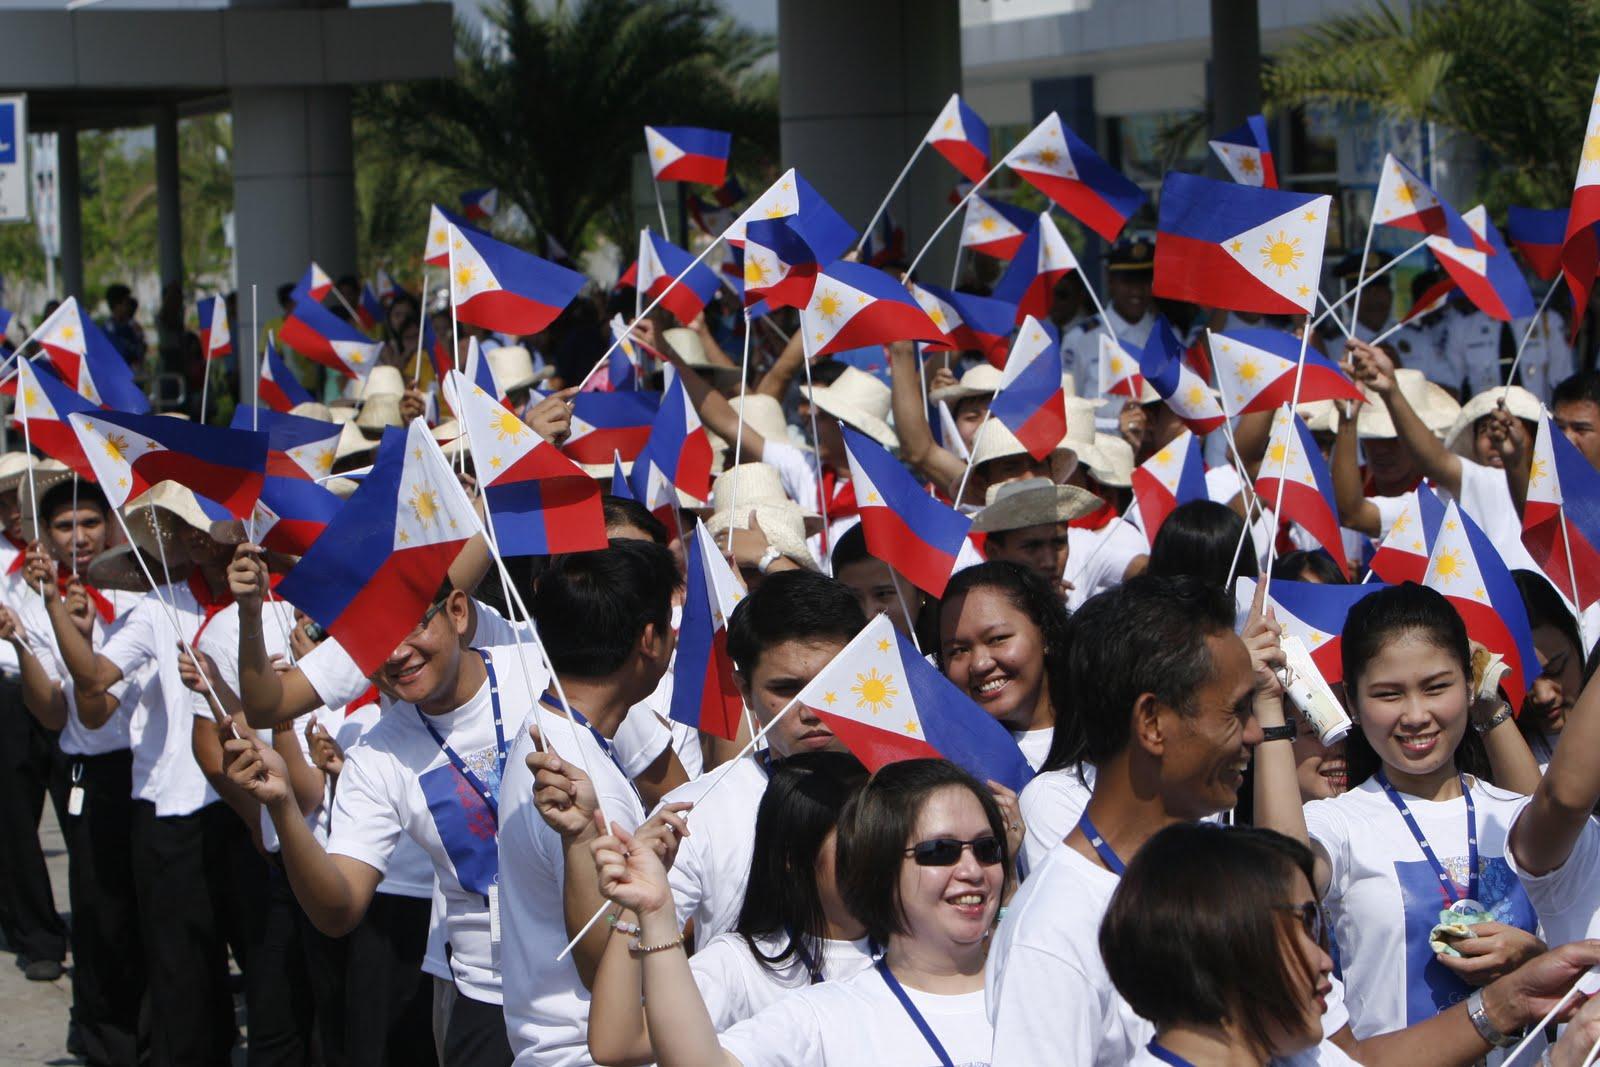 Giao tiếp với người dân tại Philippines như thế nào?